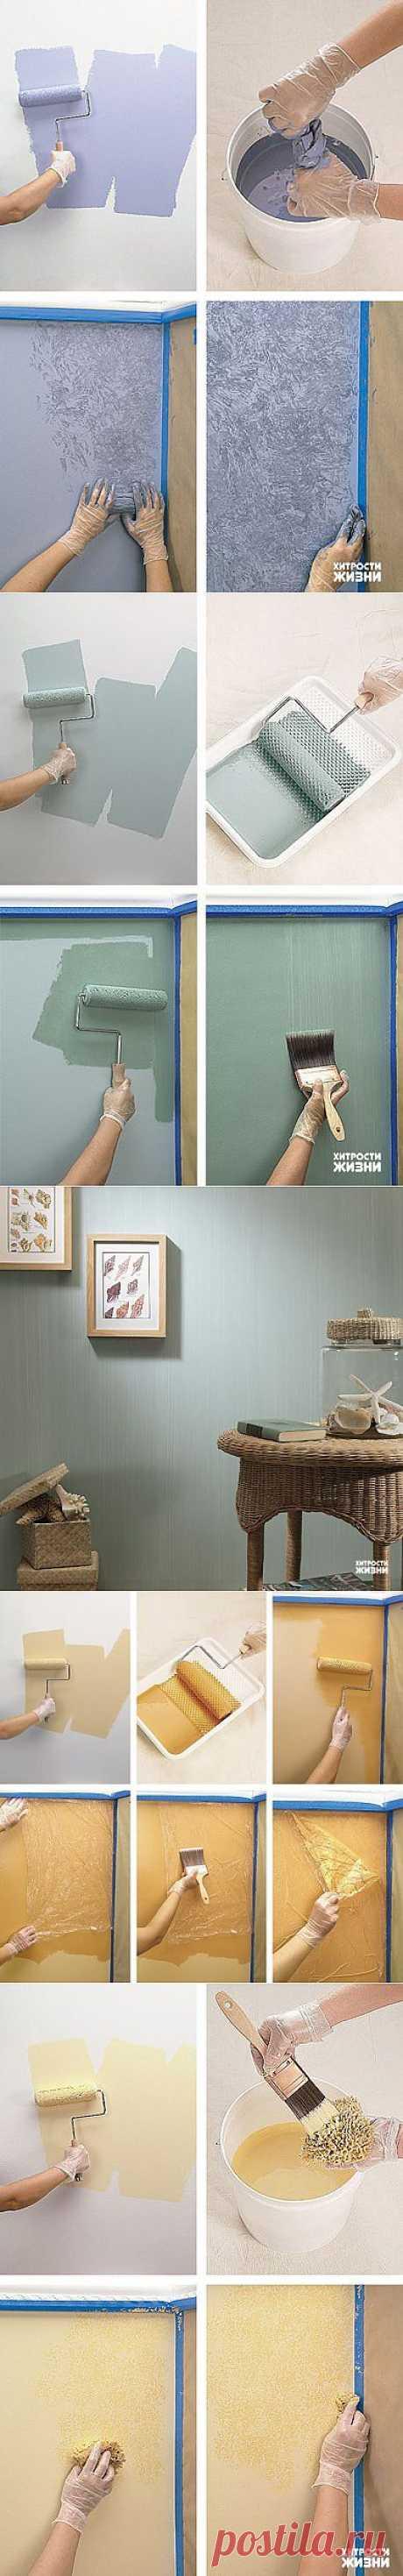 Интересные идеи при покраске стен | УЮТНЫЙ ДОМ | советы